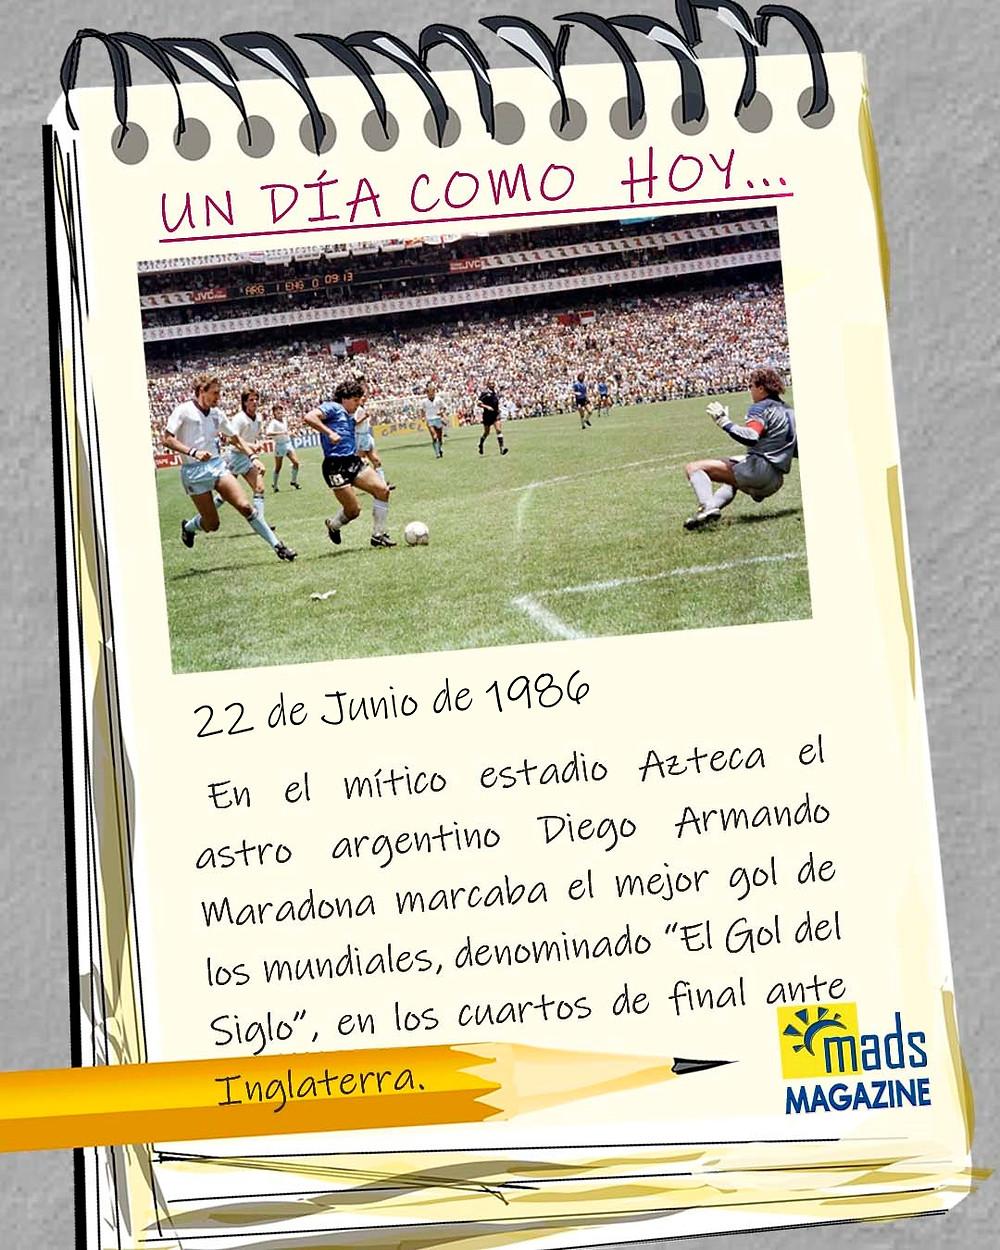 El 22 de junio de 1986 Maradona marcó el gol del siglo. Muchos consideran que sea el mejor gol de la historia del futbol